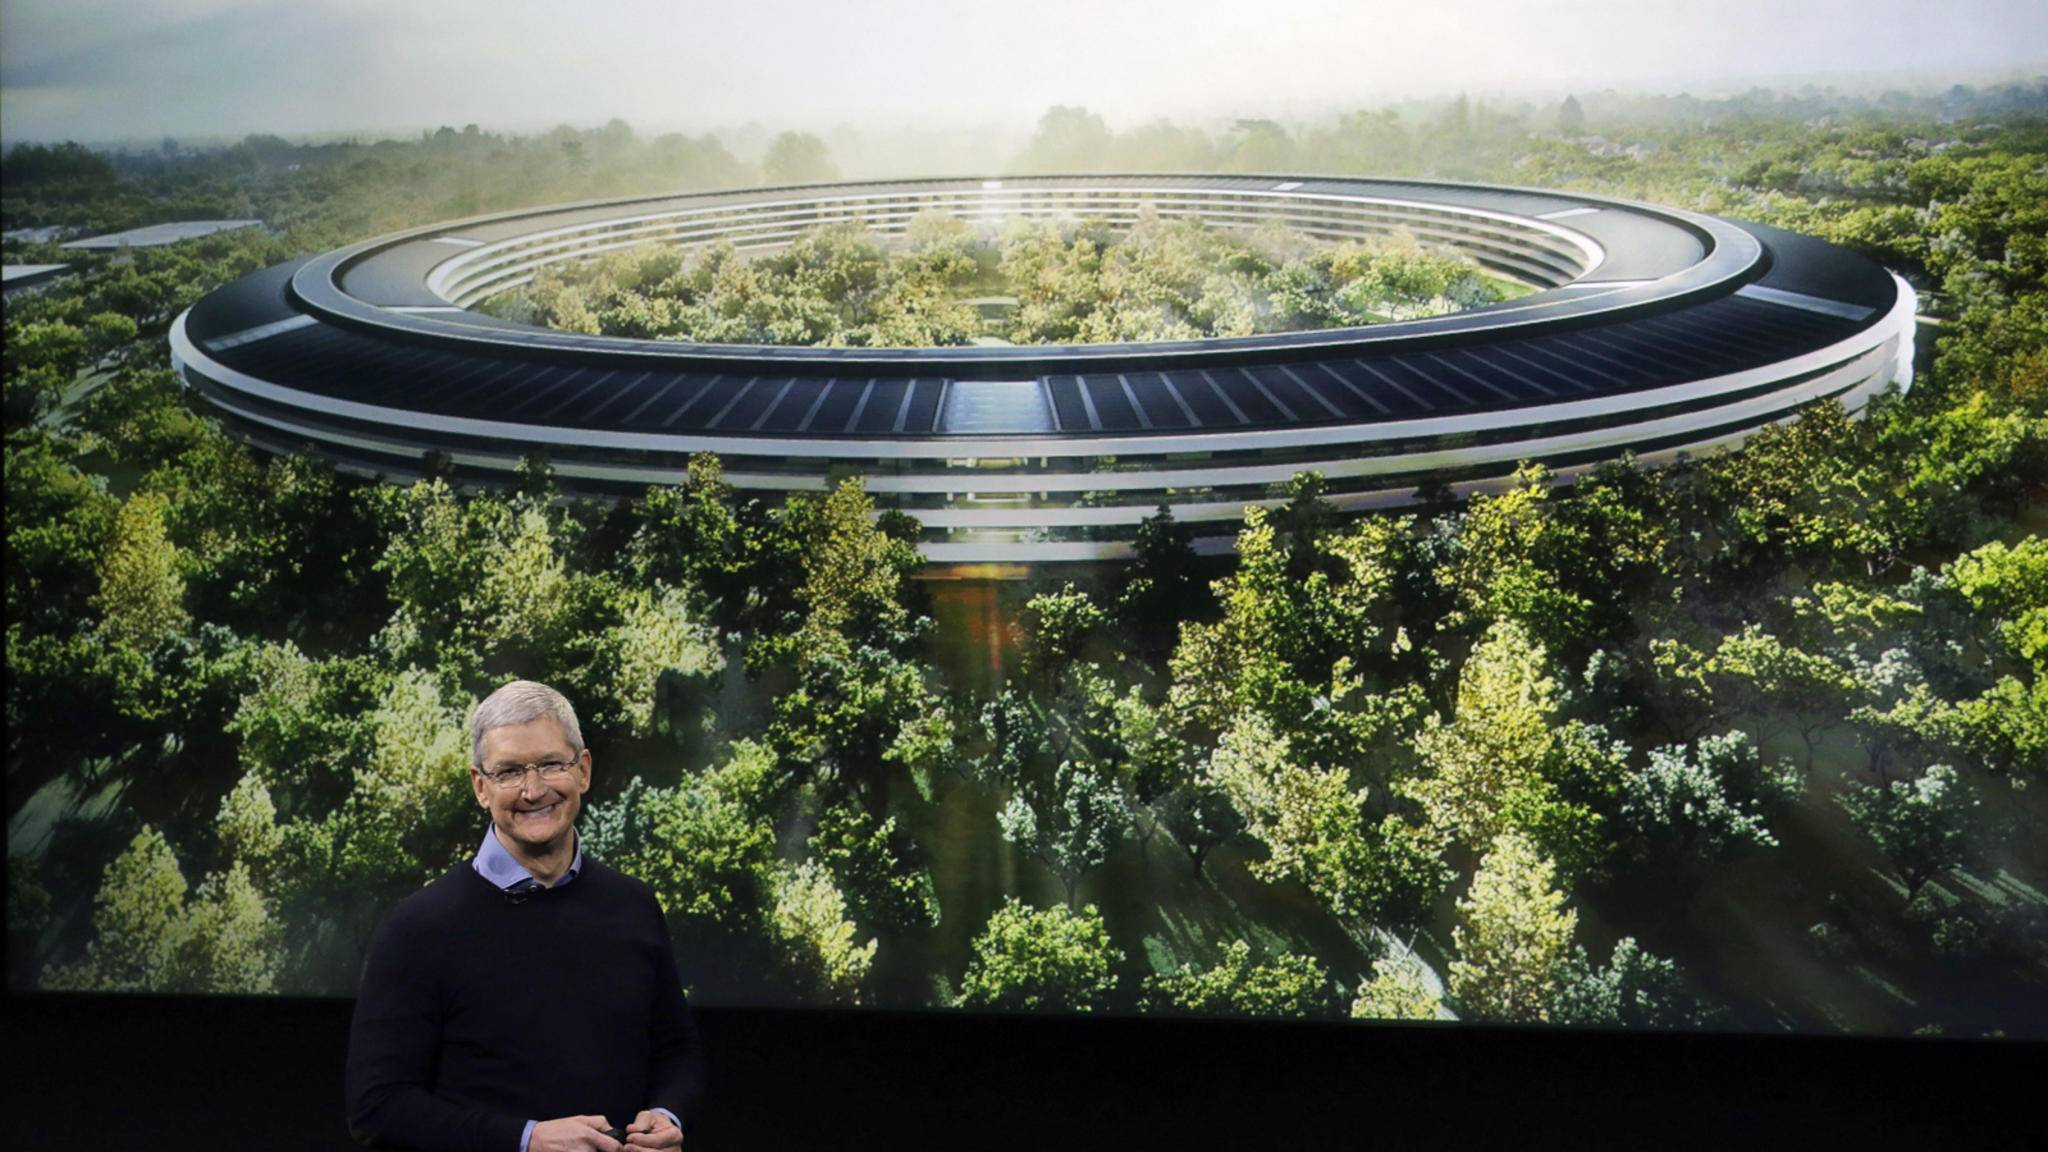 Kein Unternehmen nutzt erneuerbare Energien so effektiv wie Apple.